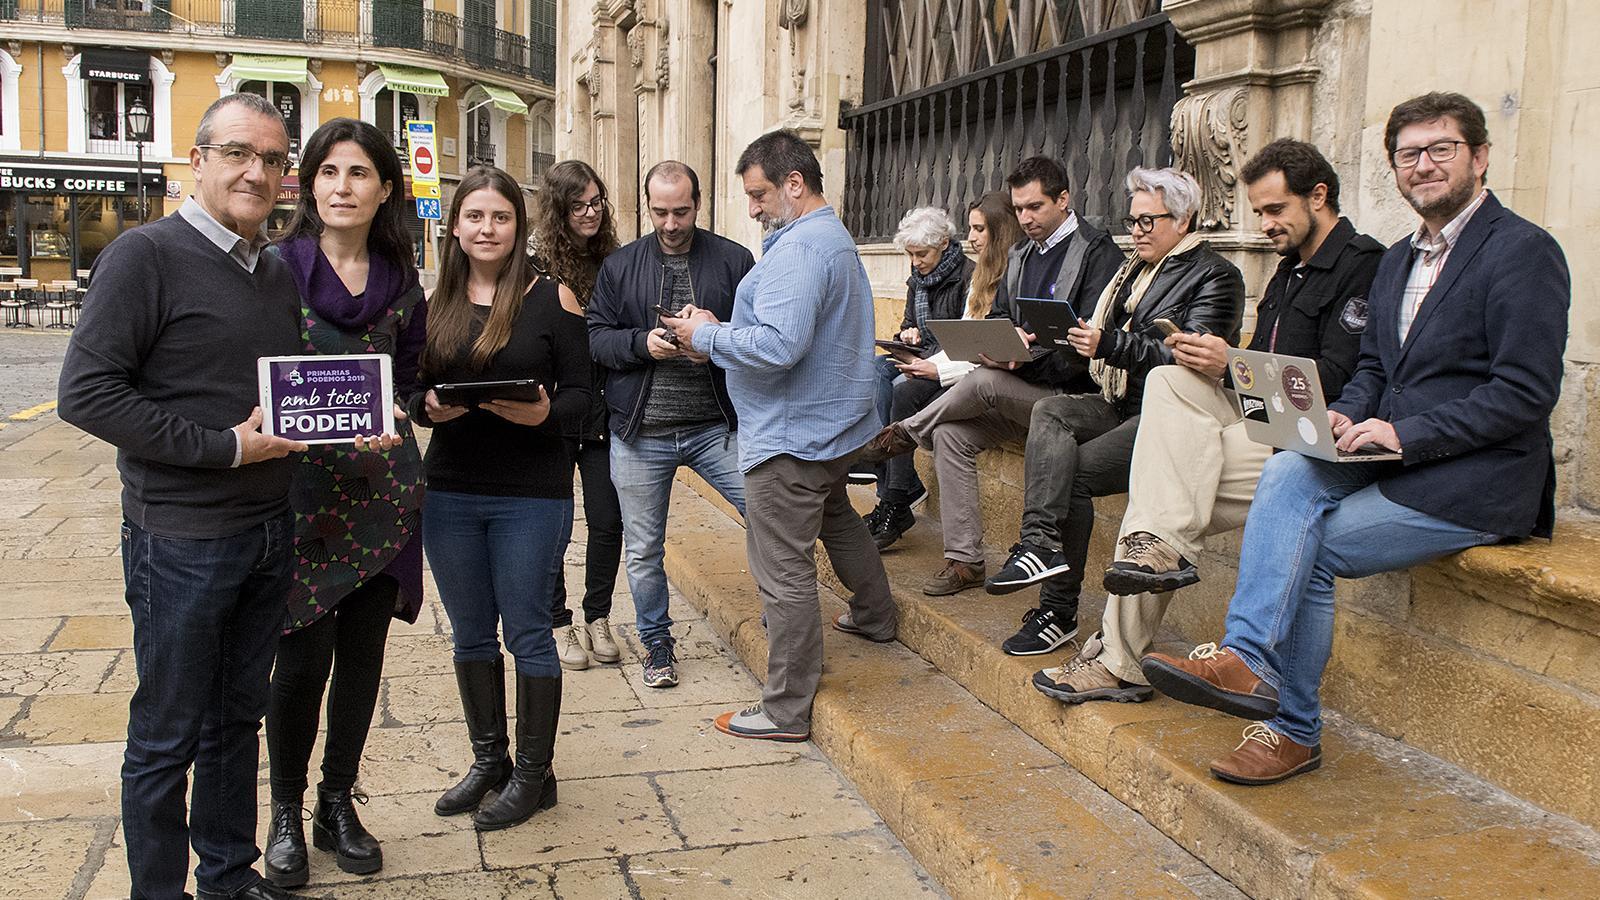 Els candidats d'Amb Totes Podem a un acte per animar a la participació a la plaça de Cort de Palma.